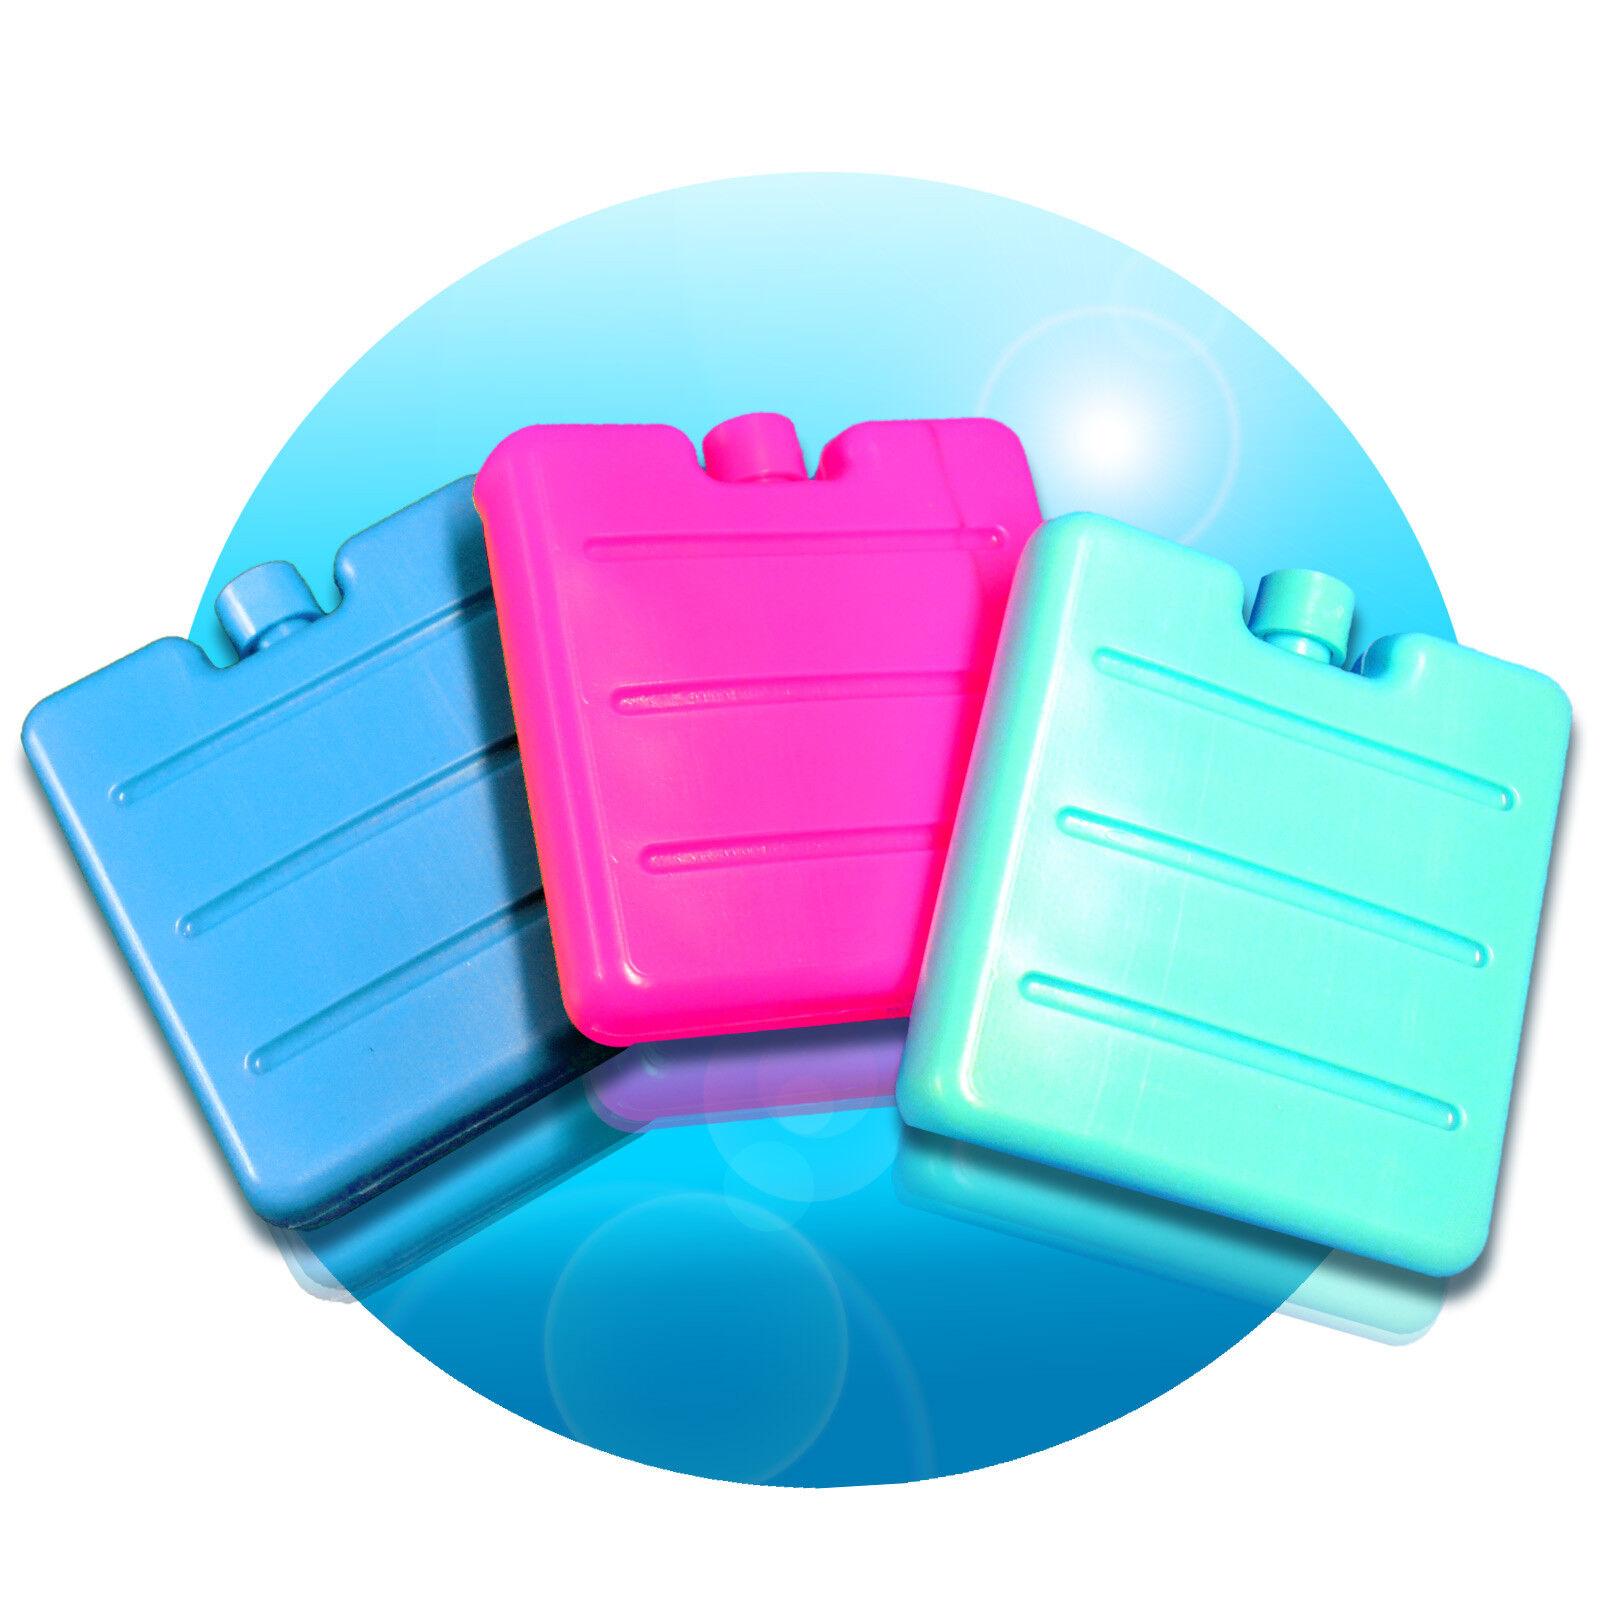 1x o. 3x Kühlakku Kühlelemente Kühlakkus Farbauswahl… |